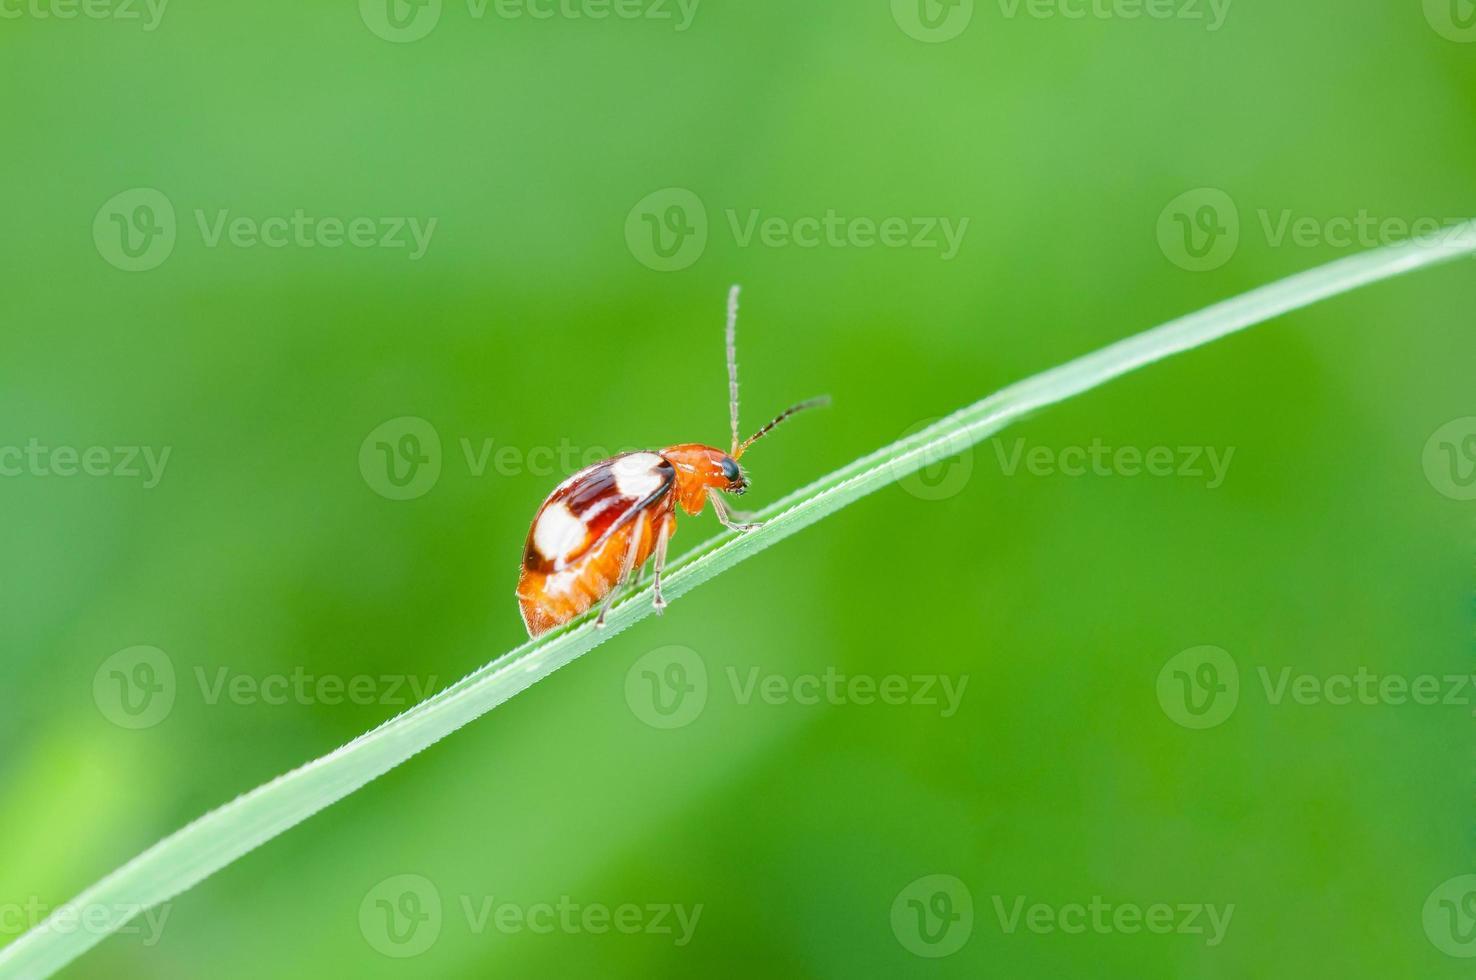 Mariquita corriendo sobre la brizna de hierba verde. Hermosa naturaleza foto